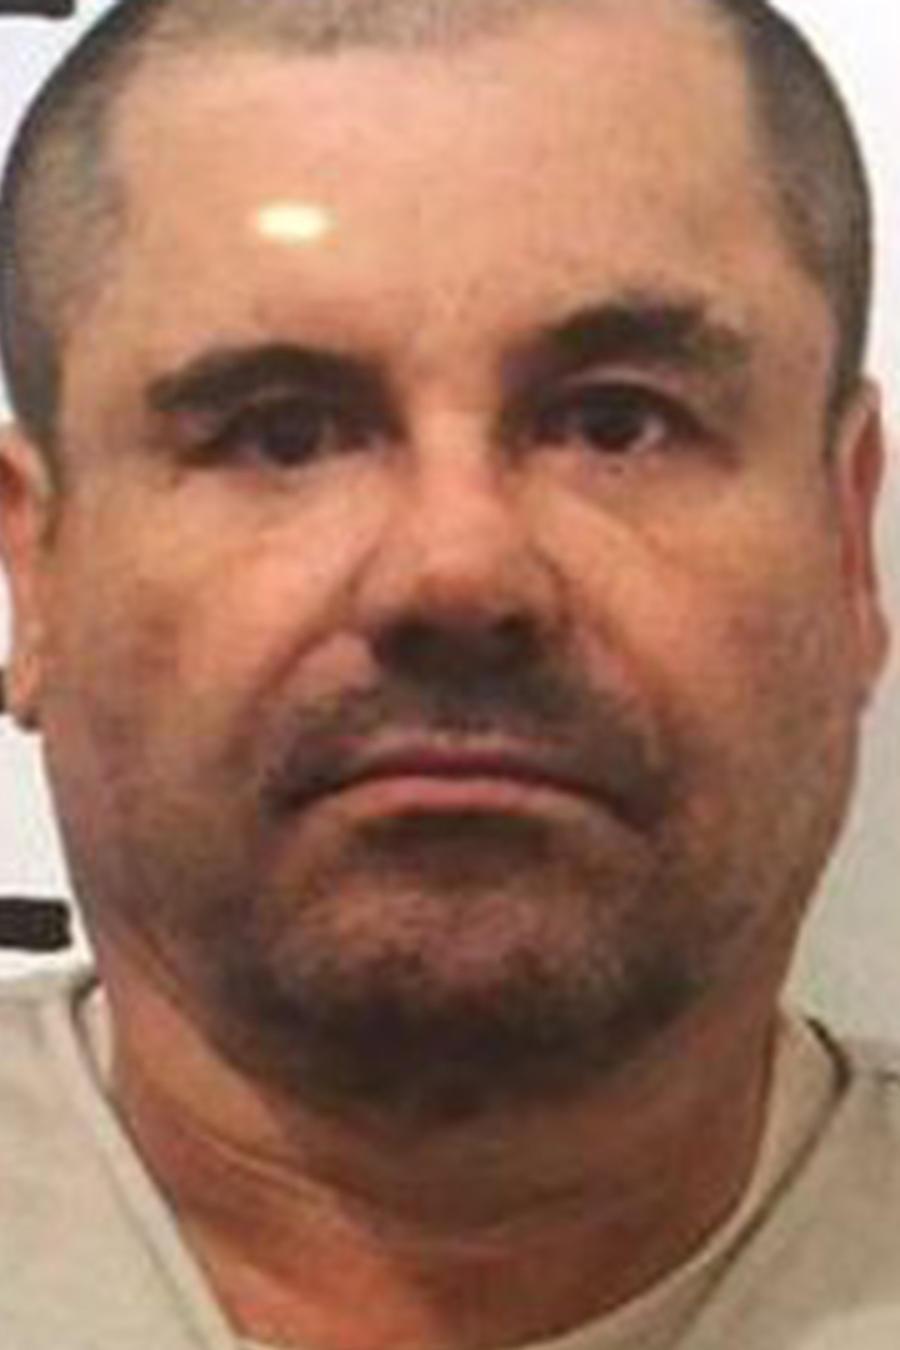 Foto de fichaje de 'El Chapo' Guzmán tras su recaptura el 8 de Enero del 2016